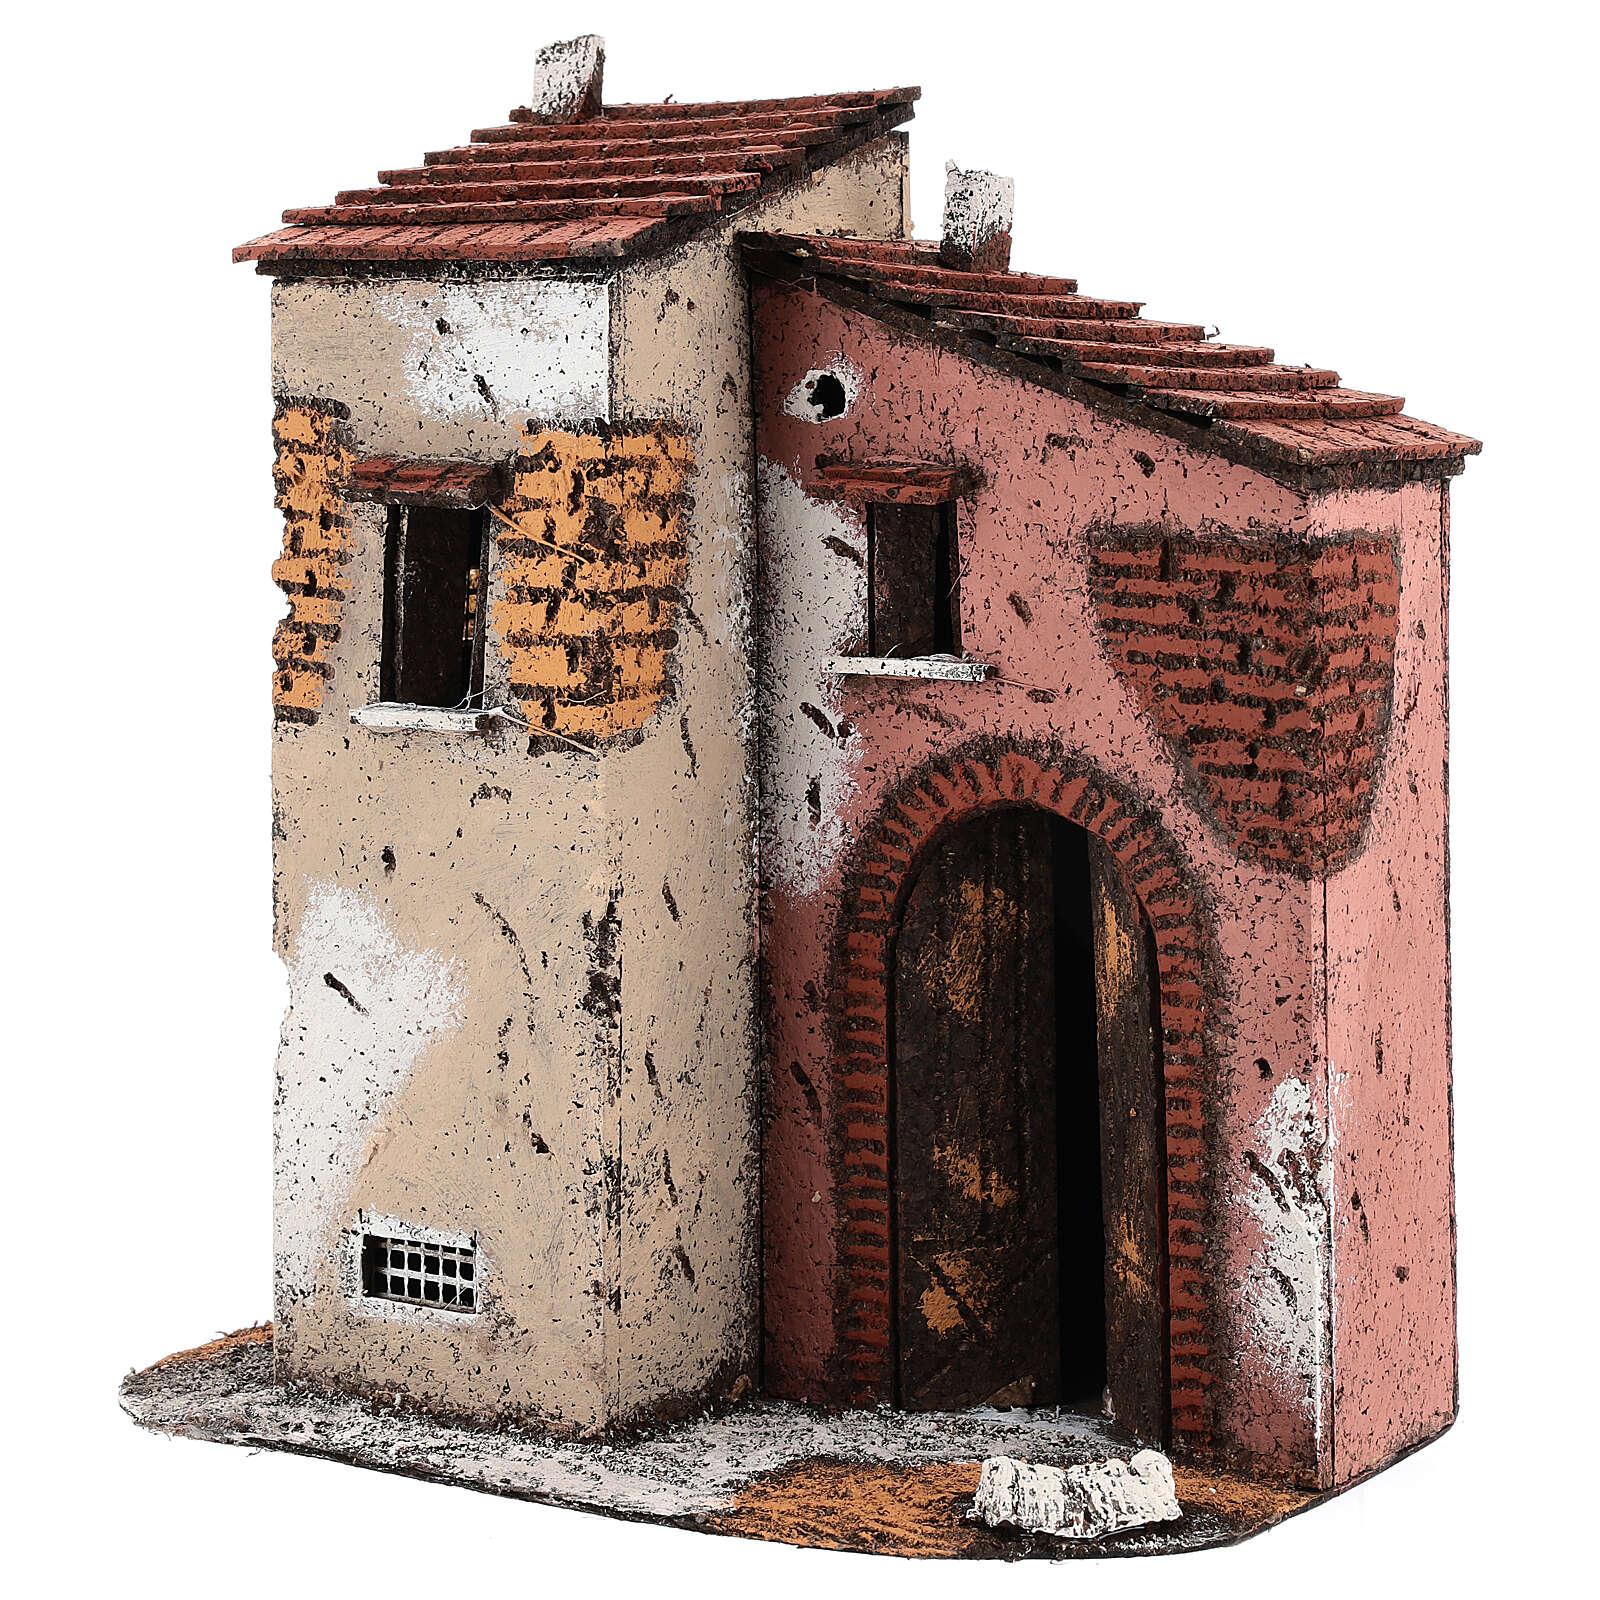 Neapolitan Nativity scene houses in cork and wood open door 25x25x15 for statues 10-12 cm 4